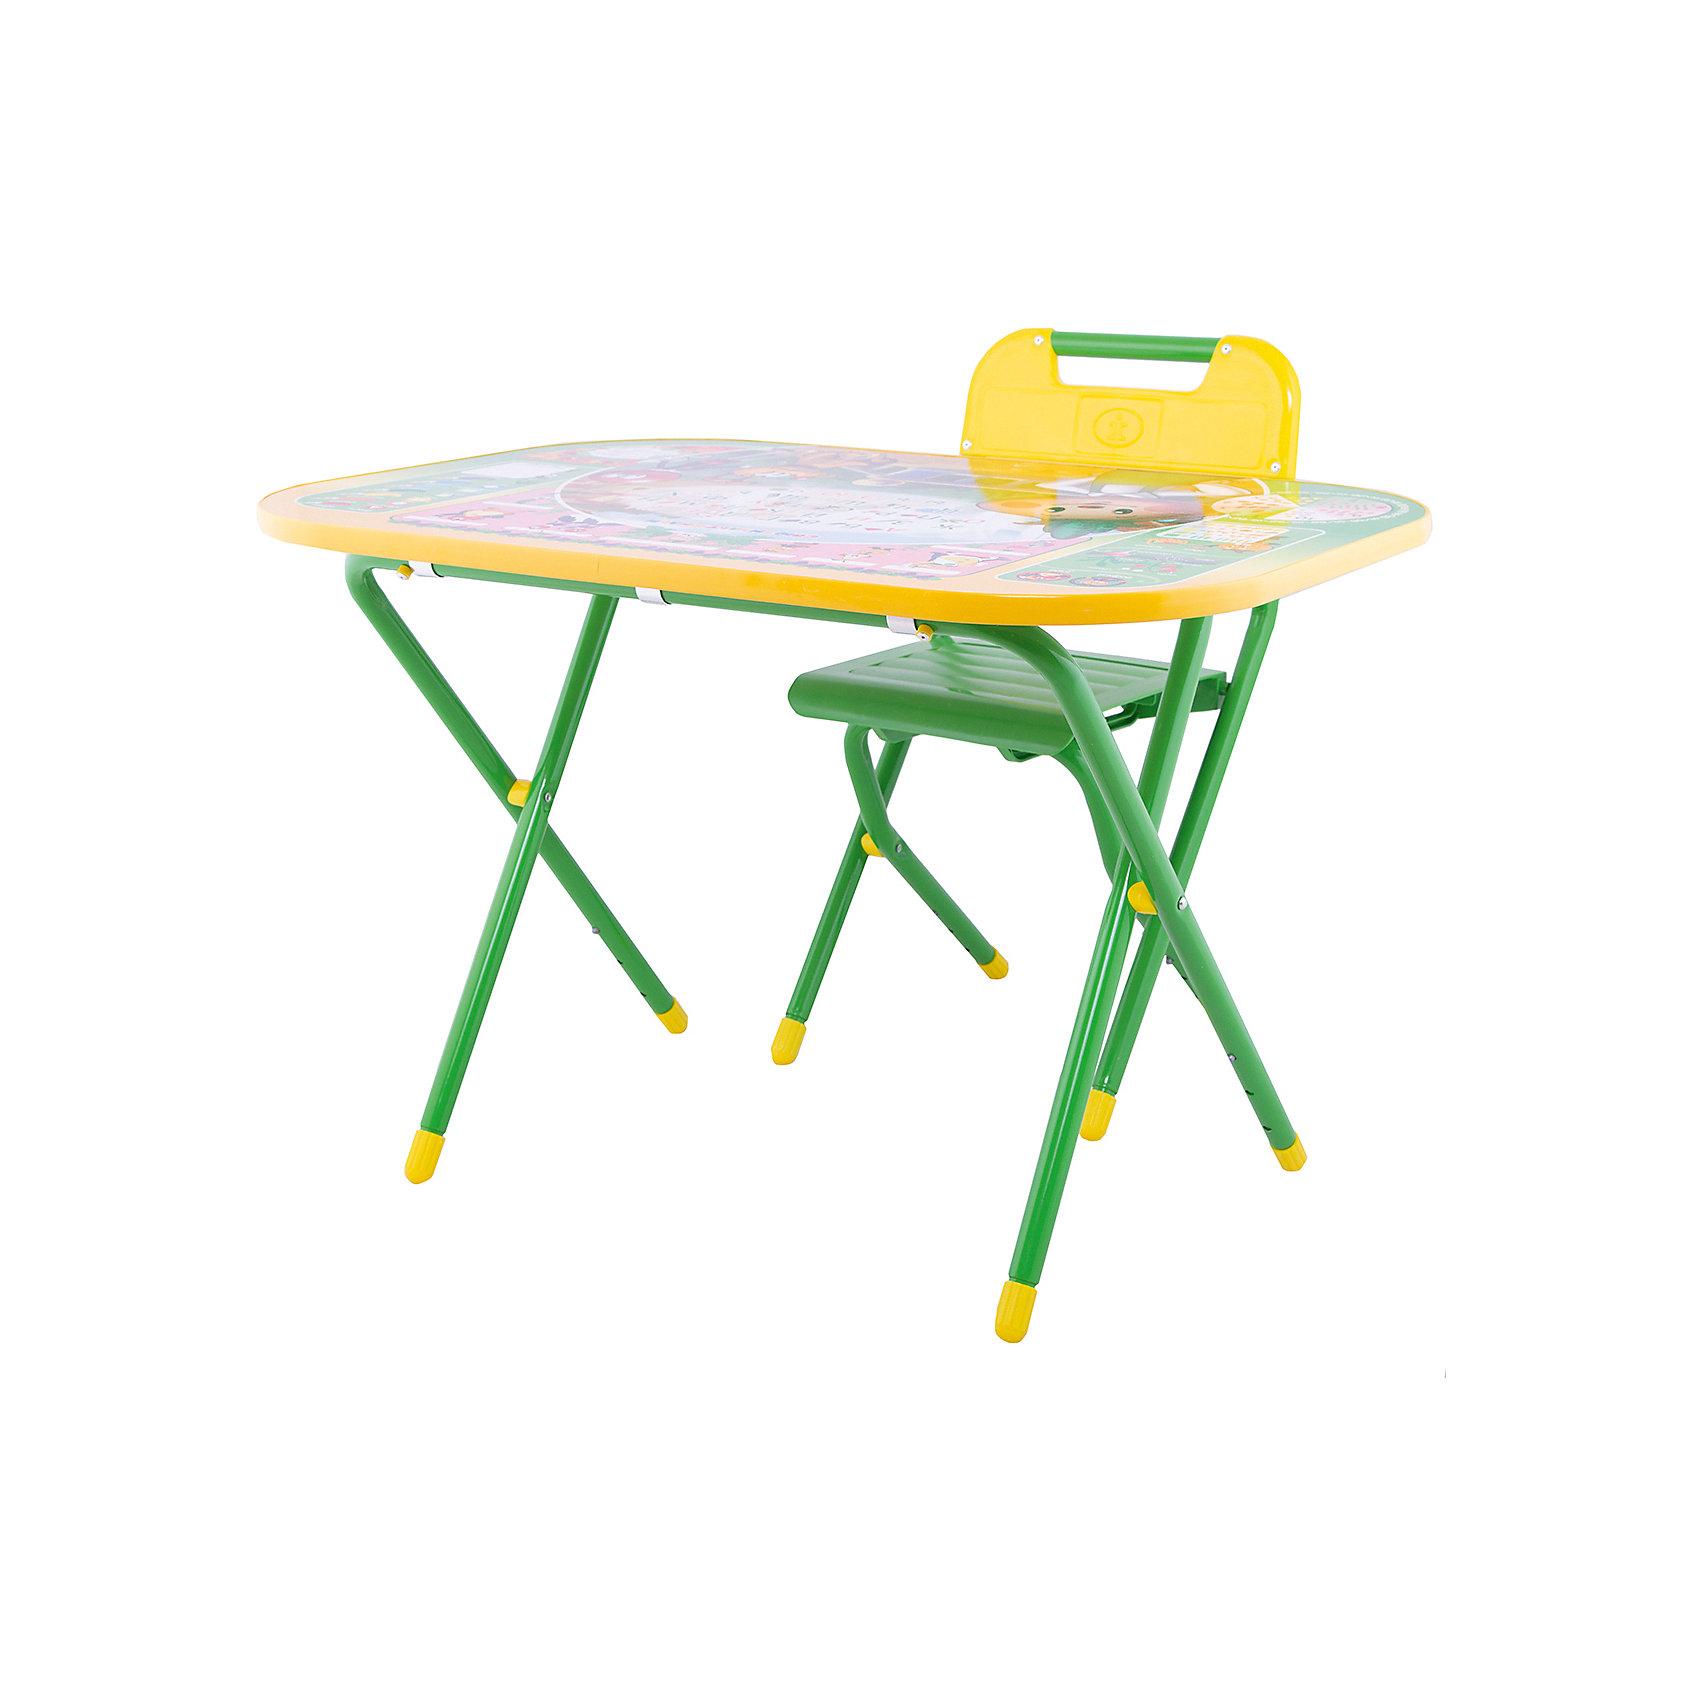 Набор мебели Дошколёнок Чиполлино, Дэми, зеленыйЯркий набор складной мебели для игр и обучения сразу понравится Вашему малышу! Набор отвечает всем требованиям удобства и правильной осанки ребенка. Высота стула и столешницы регулируется. Так же, столешницу можно легко превратить в парту, всего лишь изменив наклон. Крепкие металлические ножки и прочный пластиковый корпус гарантируют надежность набора.<br><br>Дополнительная информация: <br><br>- Возраст: от 3 лет.<br>- Цвет: зеленый.<br>- В наборе: складной стол, складной стул, съемный пенал, ящик для хранения, желоб для канцелярских принадлежностей, руководство по эксплуатации.<br>- Материал: пластмасса, металл.<br>- Высота стола: 52-58 см.<br>- Высота стула: 34-39 см.<br>- Размер рабочей поверхности: 55x80 см.<br>- Размер упаковки: 77х74х14 см.<br>- Вес в упаковке: 10кг.<br><br>Купить набор мебели Дошколенок Чиполлино от Дэми в зеленом цвете, можно в нашем магазине.<br><br>Ширина мм: 150<br>Глубина мм: 800<br>Высота мм: 800<br>Вес г: 10000<br>Возраст от месяцев: 36<br>Возраст до месяцев: 84<br>Пол: Унисекс<br>Возраст: Детский<br>SKU: 5097943